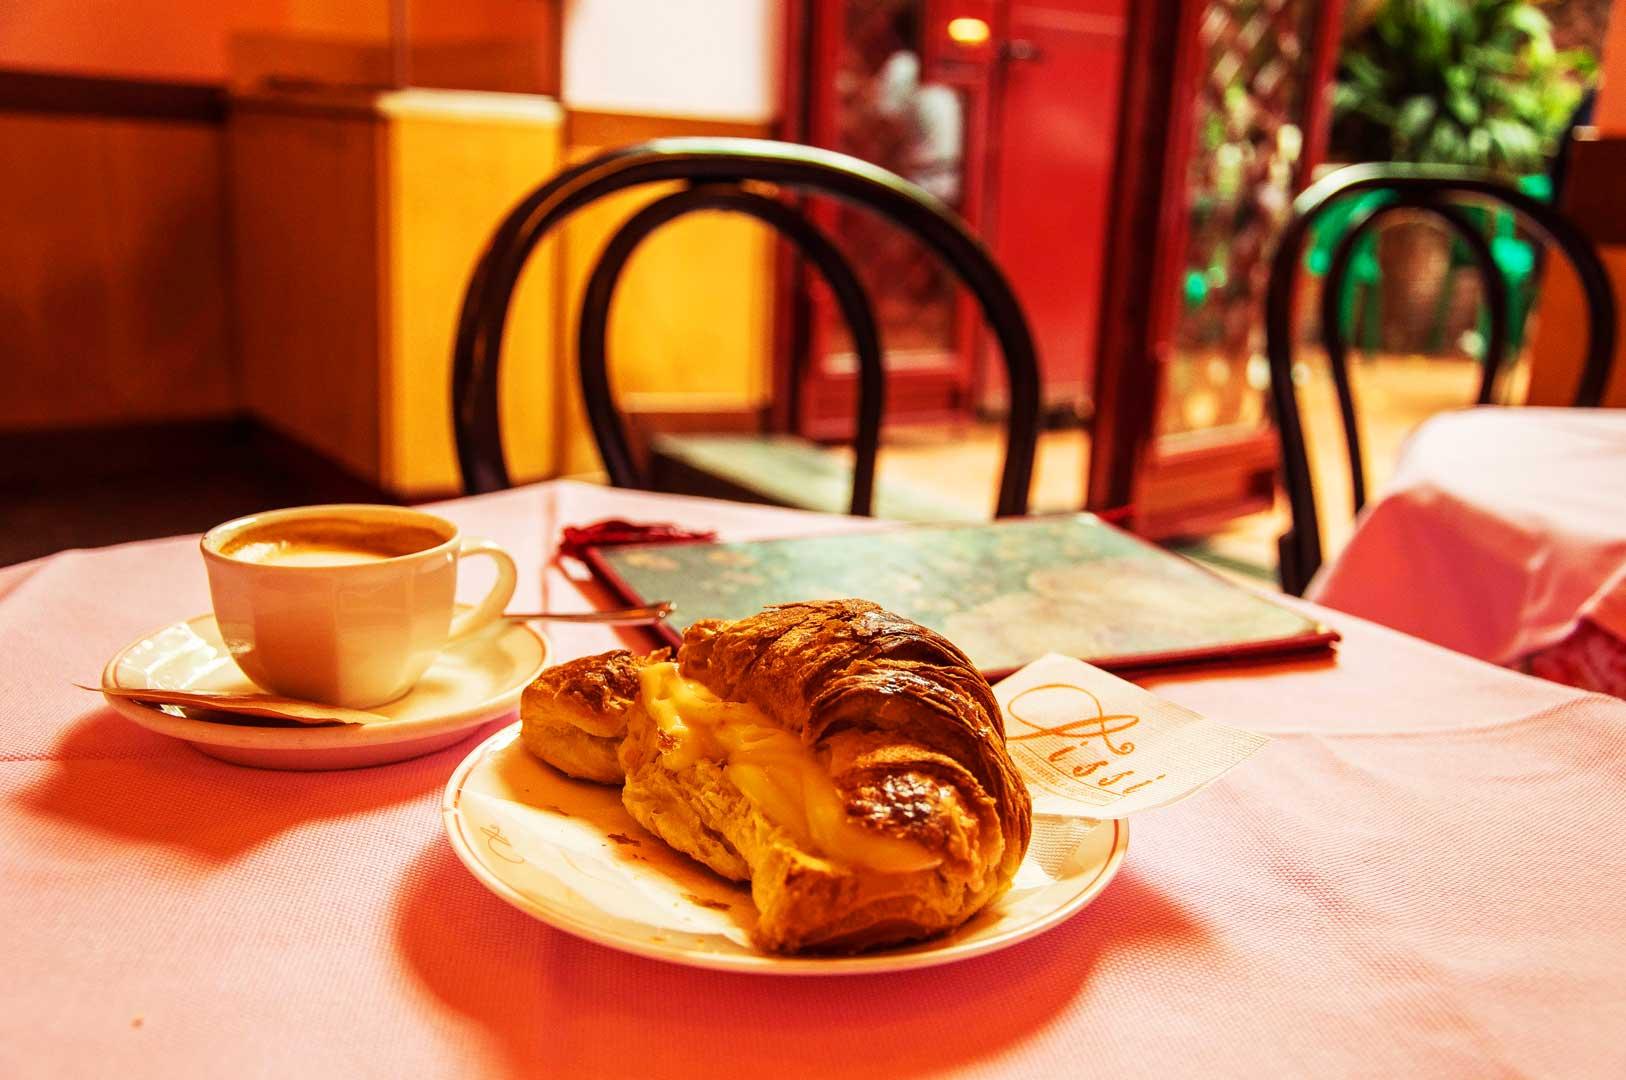 pasticceria-sissi-caffe-croissant